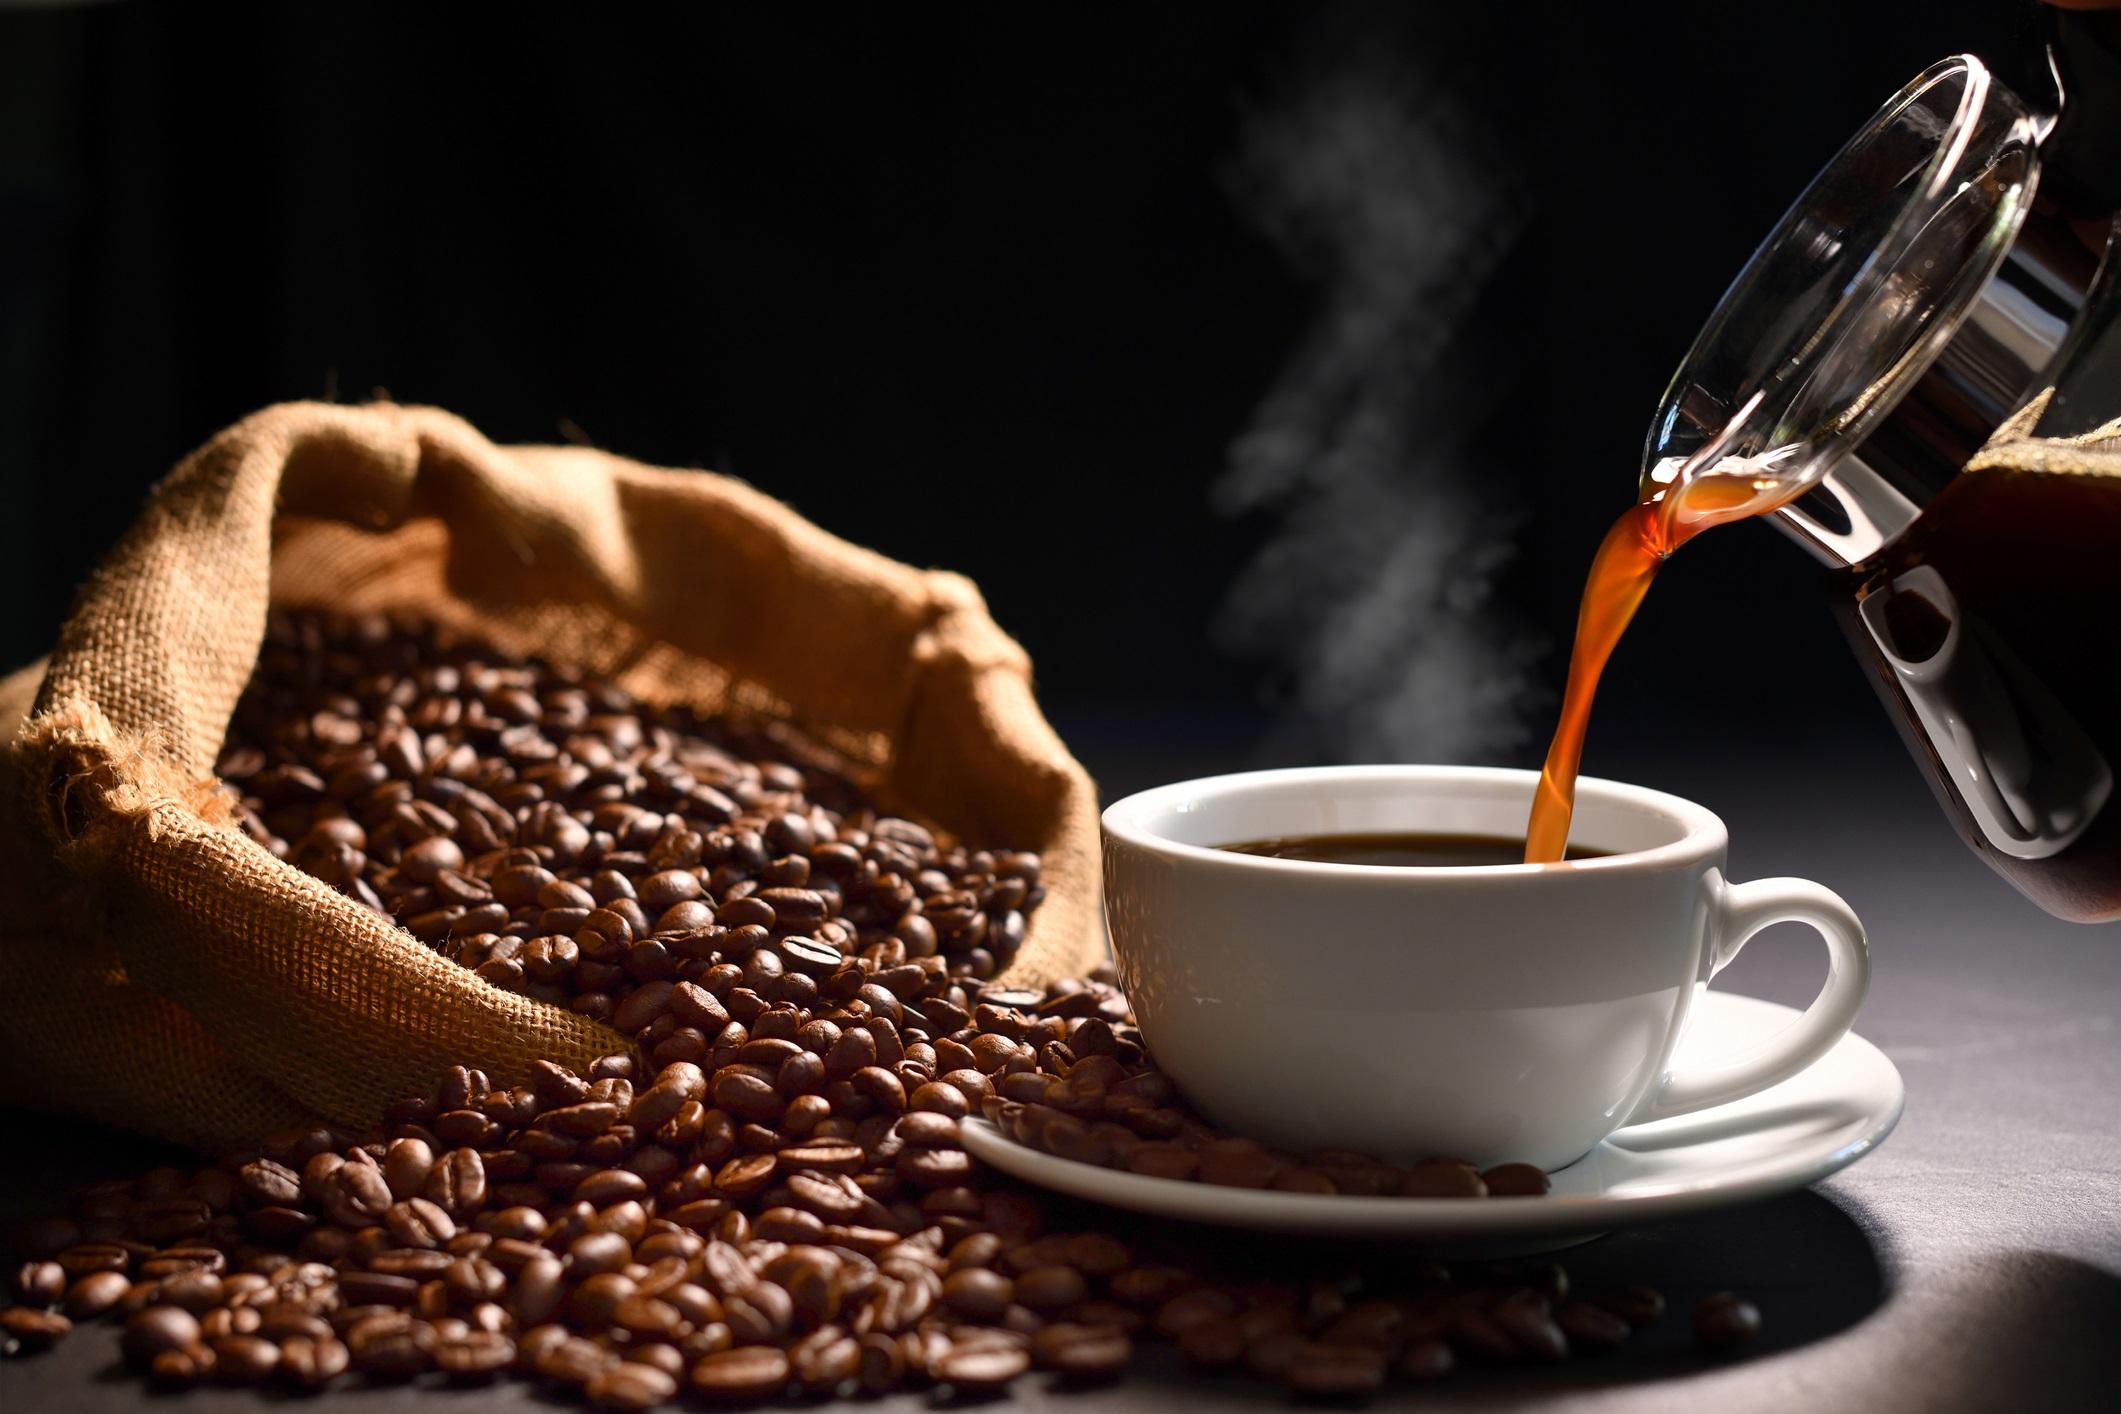 <p><strong>Кърмещи жени</strong></p>  <p>Тъй като кофеинът е стимулант и диуретик, тревогата е, че кърмещата майка може да е изложена на риск от дехидратация. Най-добре е да не консумирате кафе, докато кърмите.</p>